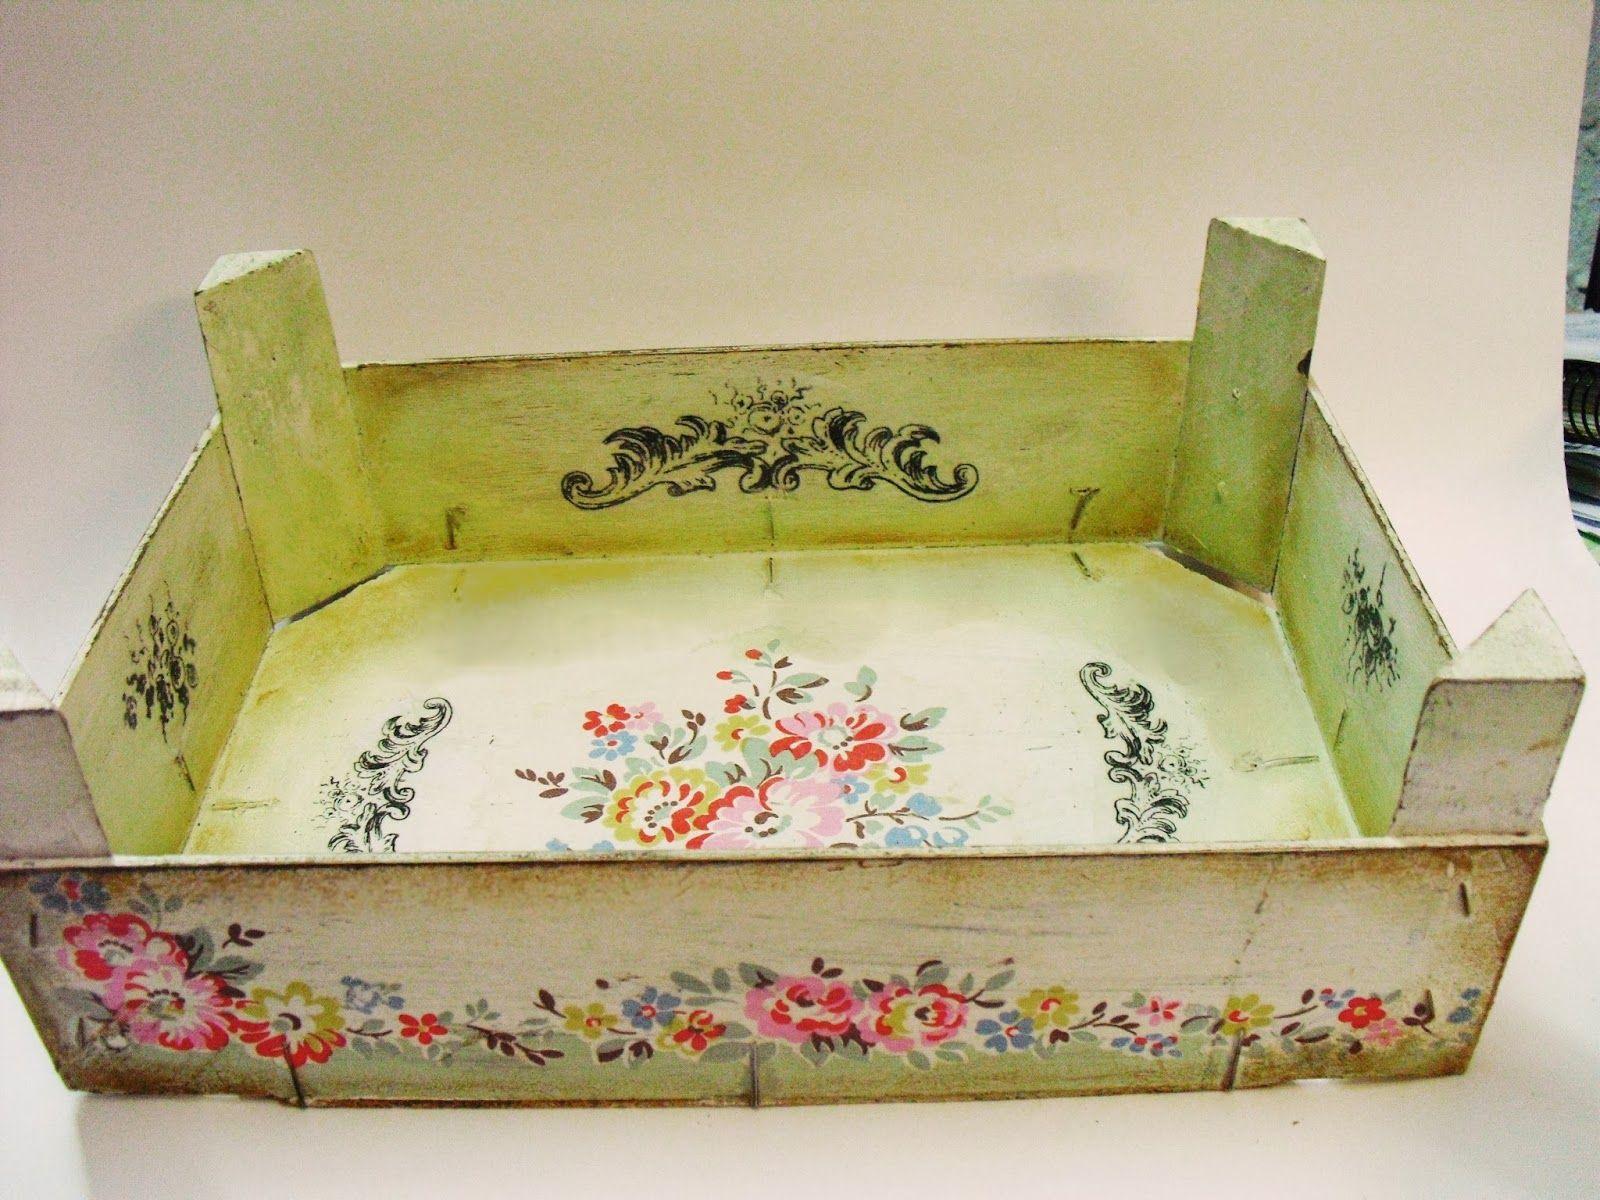 Expresiones cajas de fresas cajas de frutas decoradas - Cajas de fresas decoradas paso a paso ...